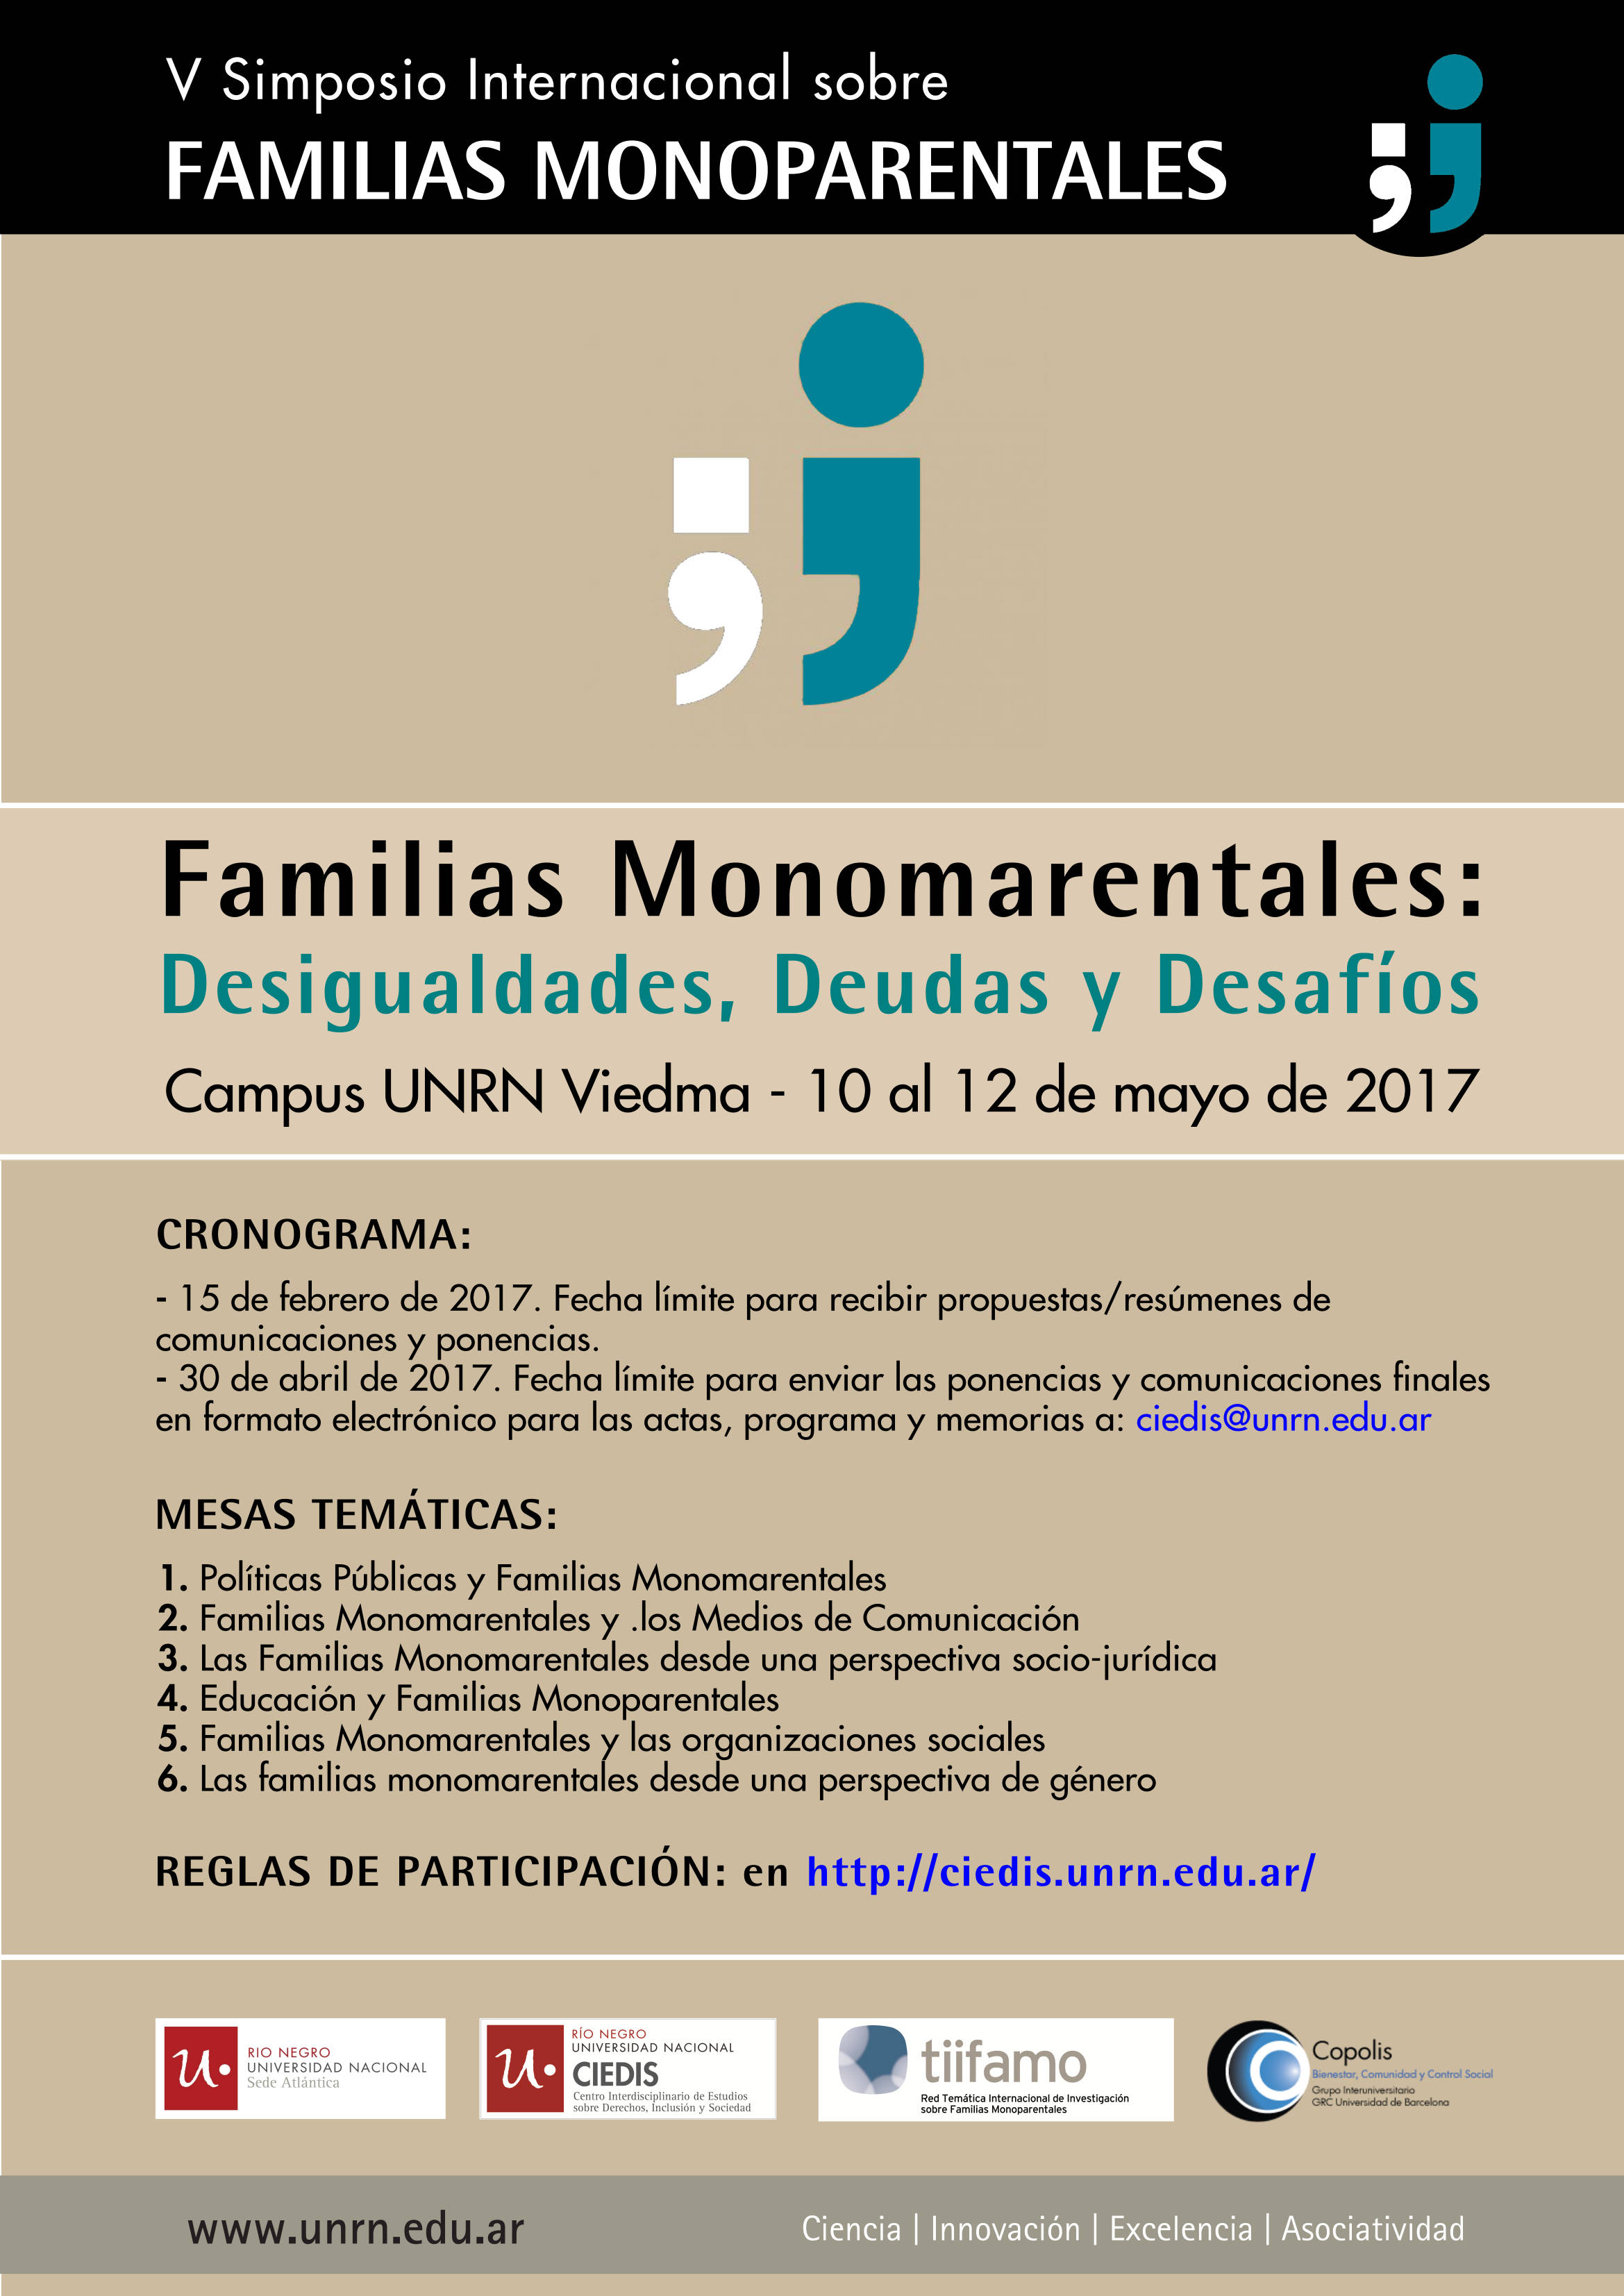 simposio-familias-monomarentales